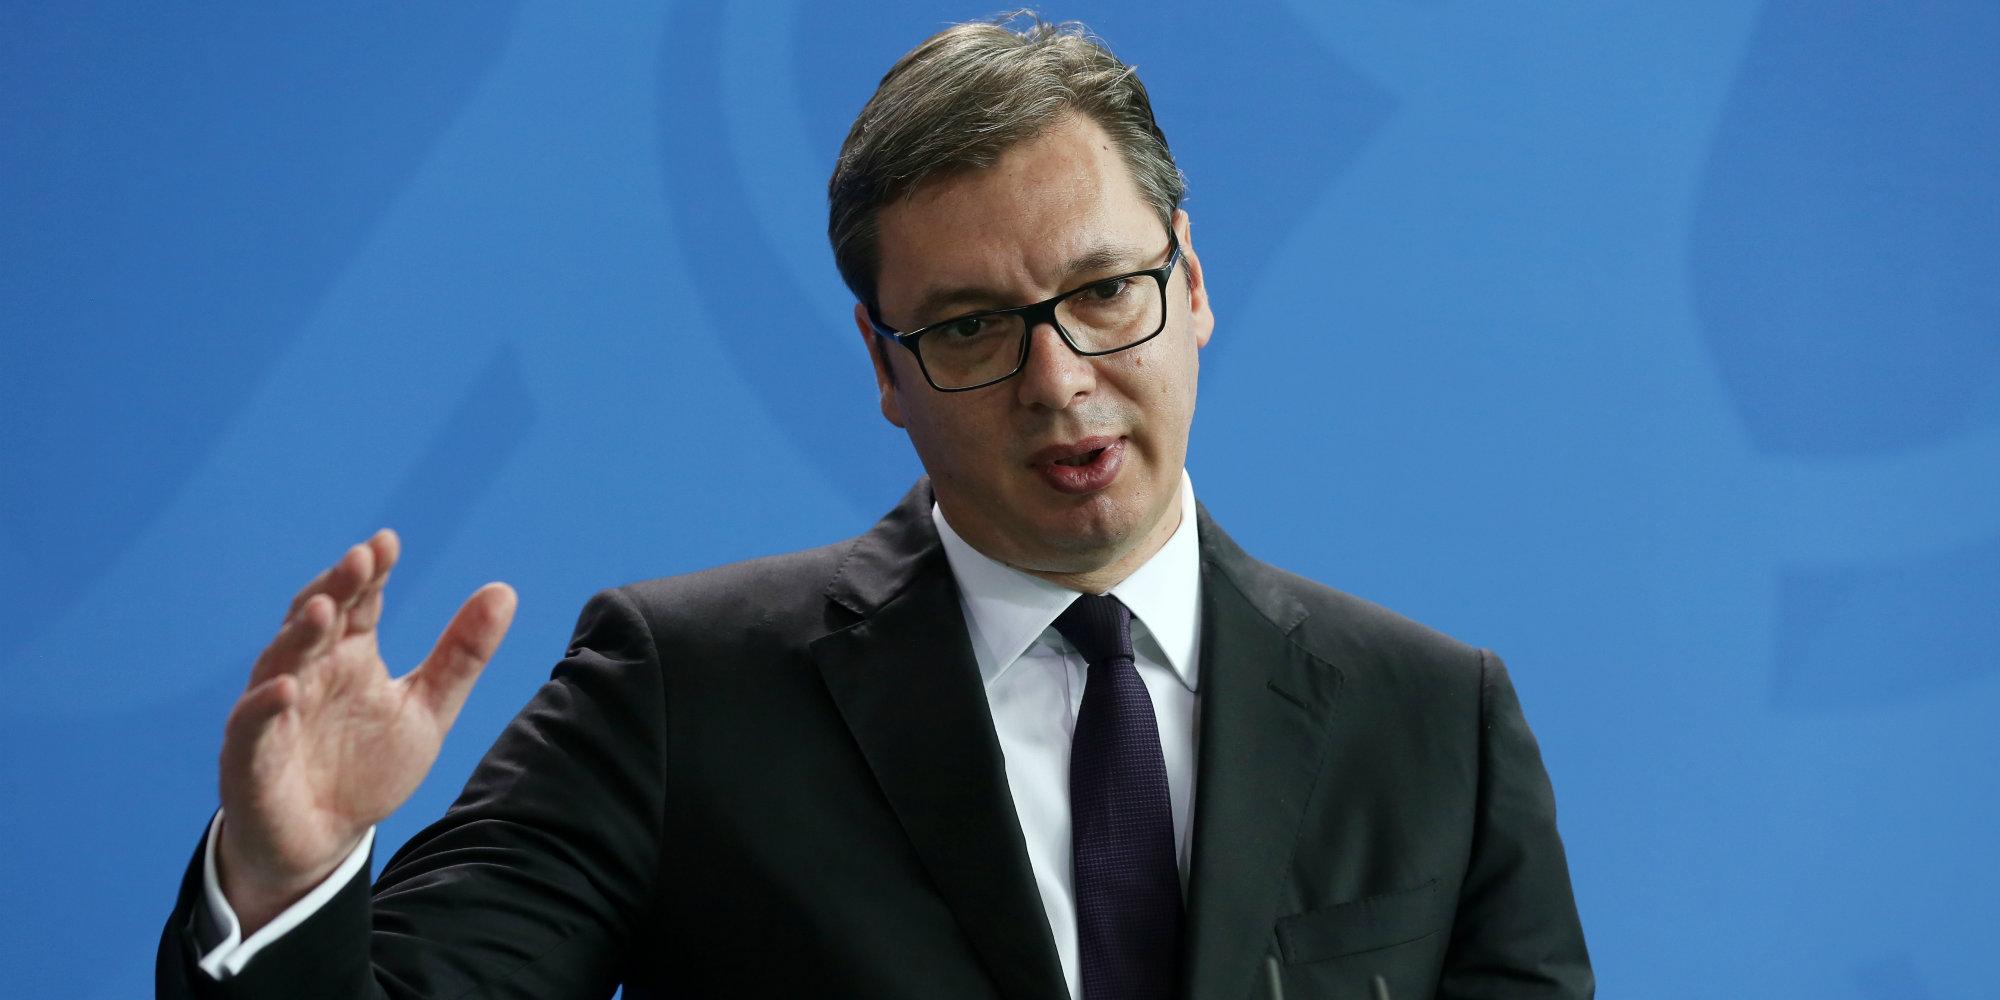 Vucic: The EU comprises a strategic goal of Serbia